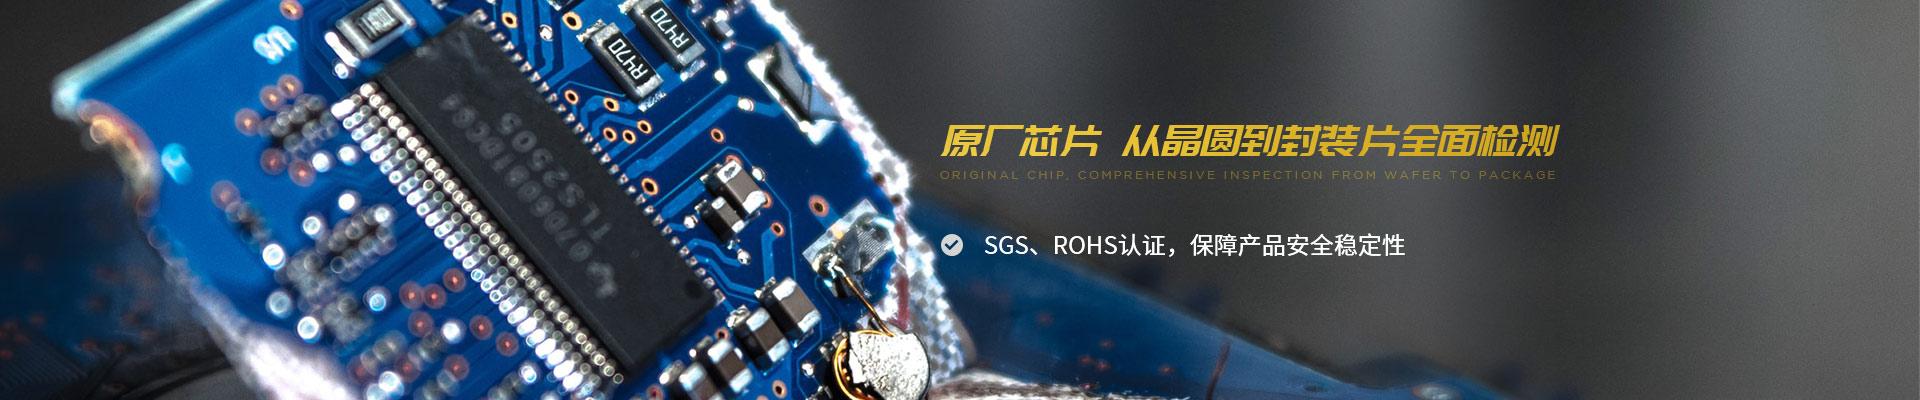 宇凡微-中微爱芯单片机,原厂芯片,从晶圆到封装片全面检测